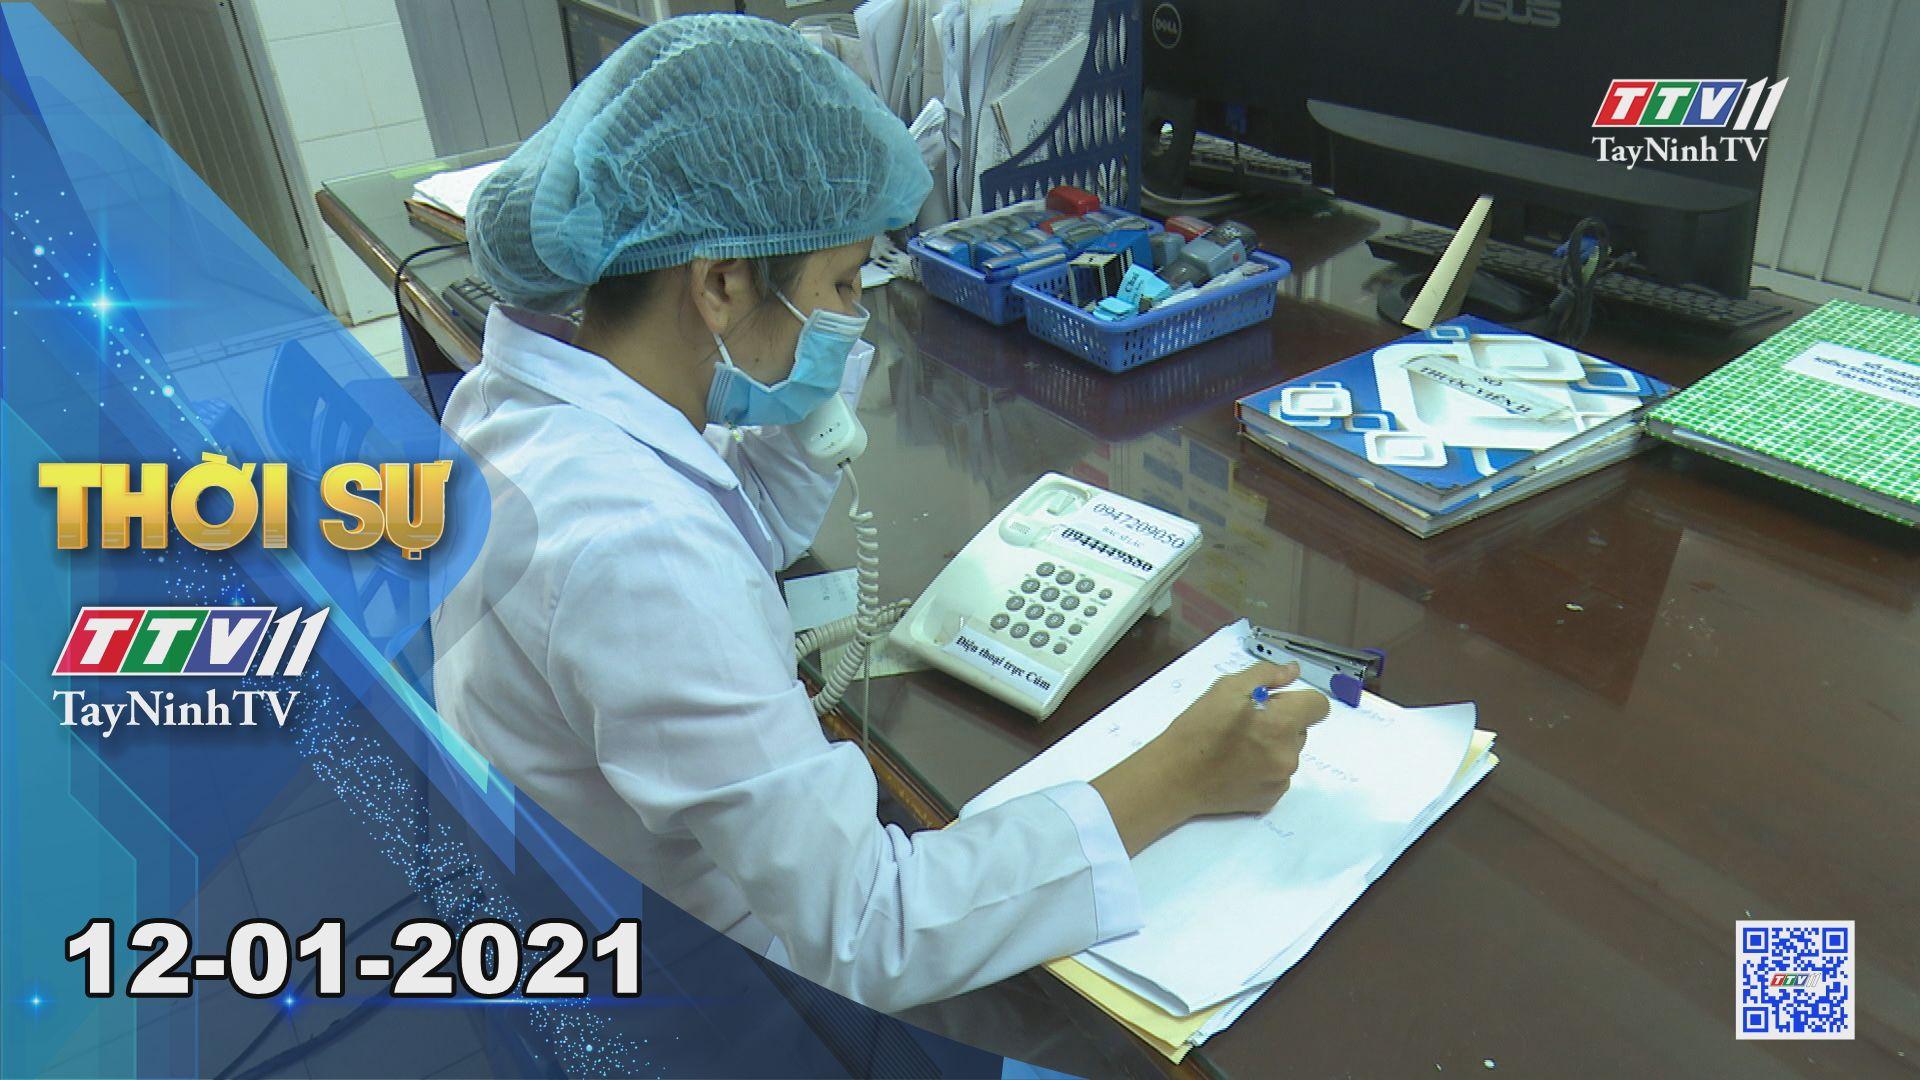 Thời sự Tây Ninh 12-01-2021 | Tin tức hôm nay | TayNinhTV